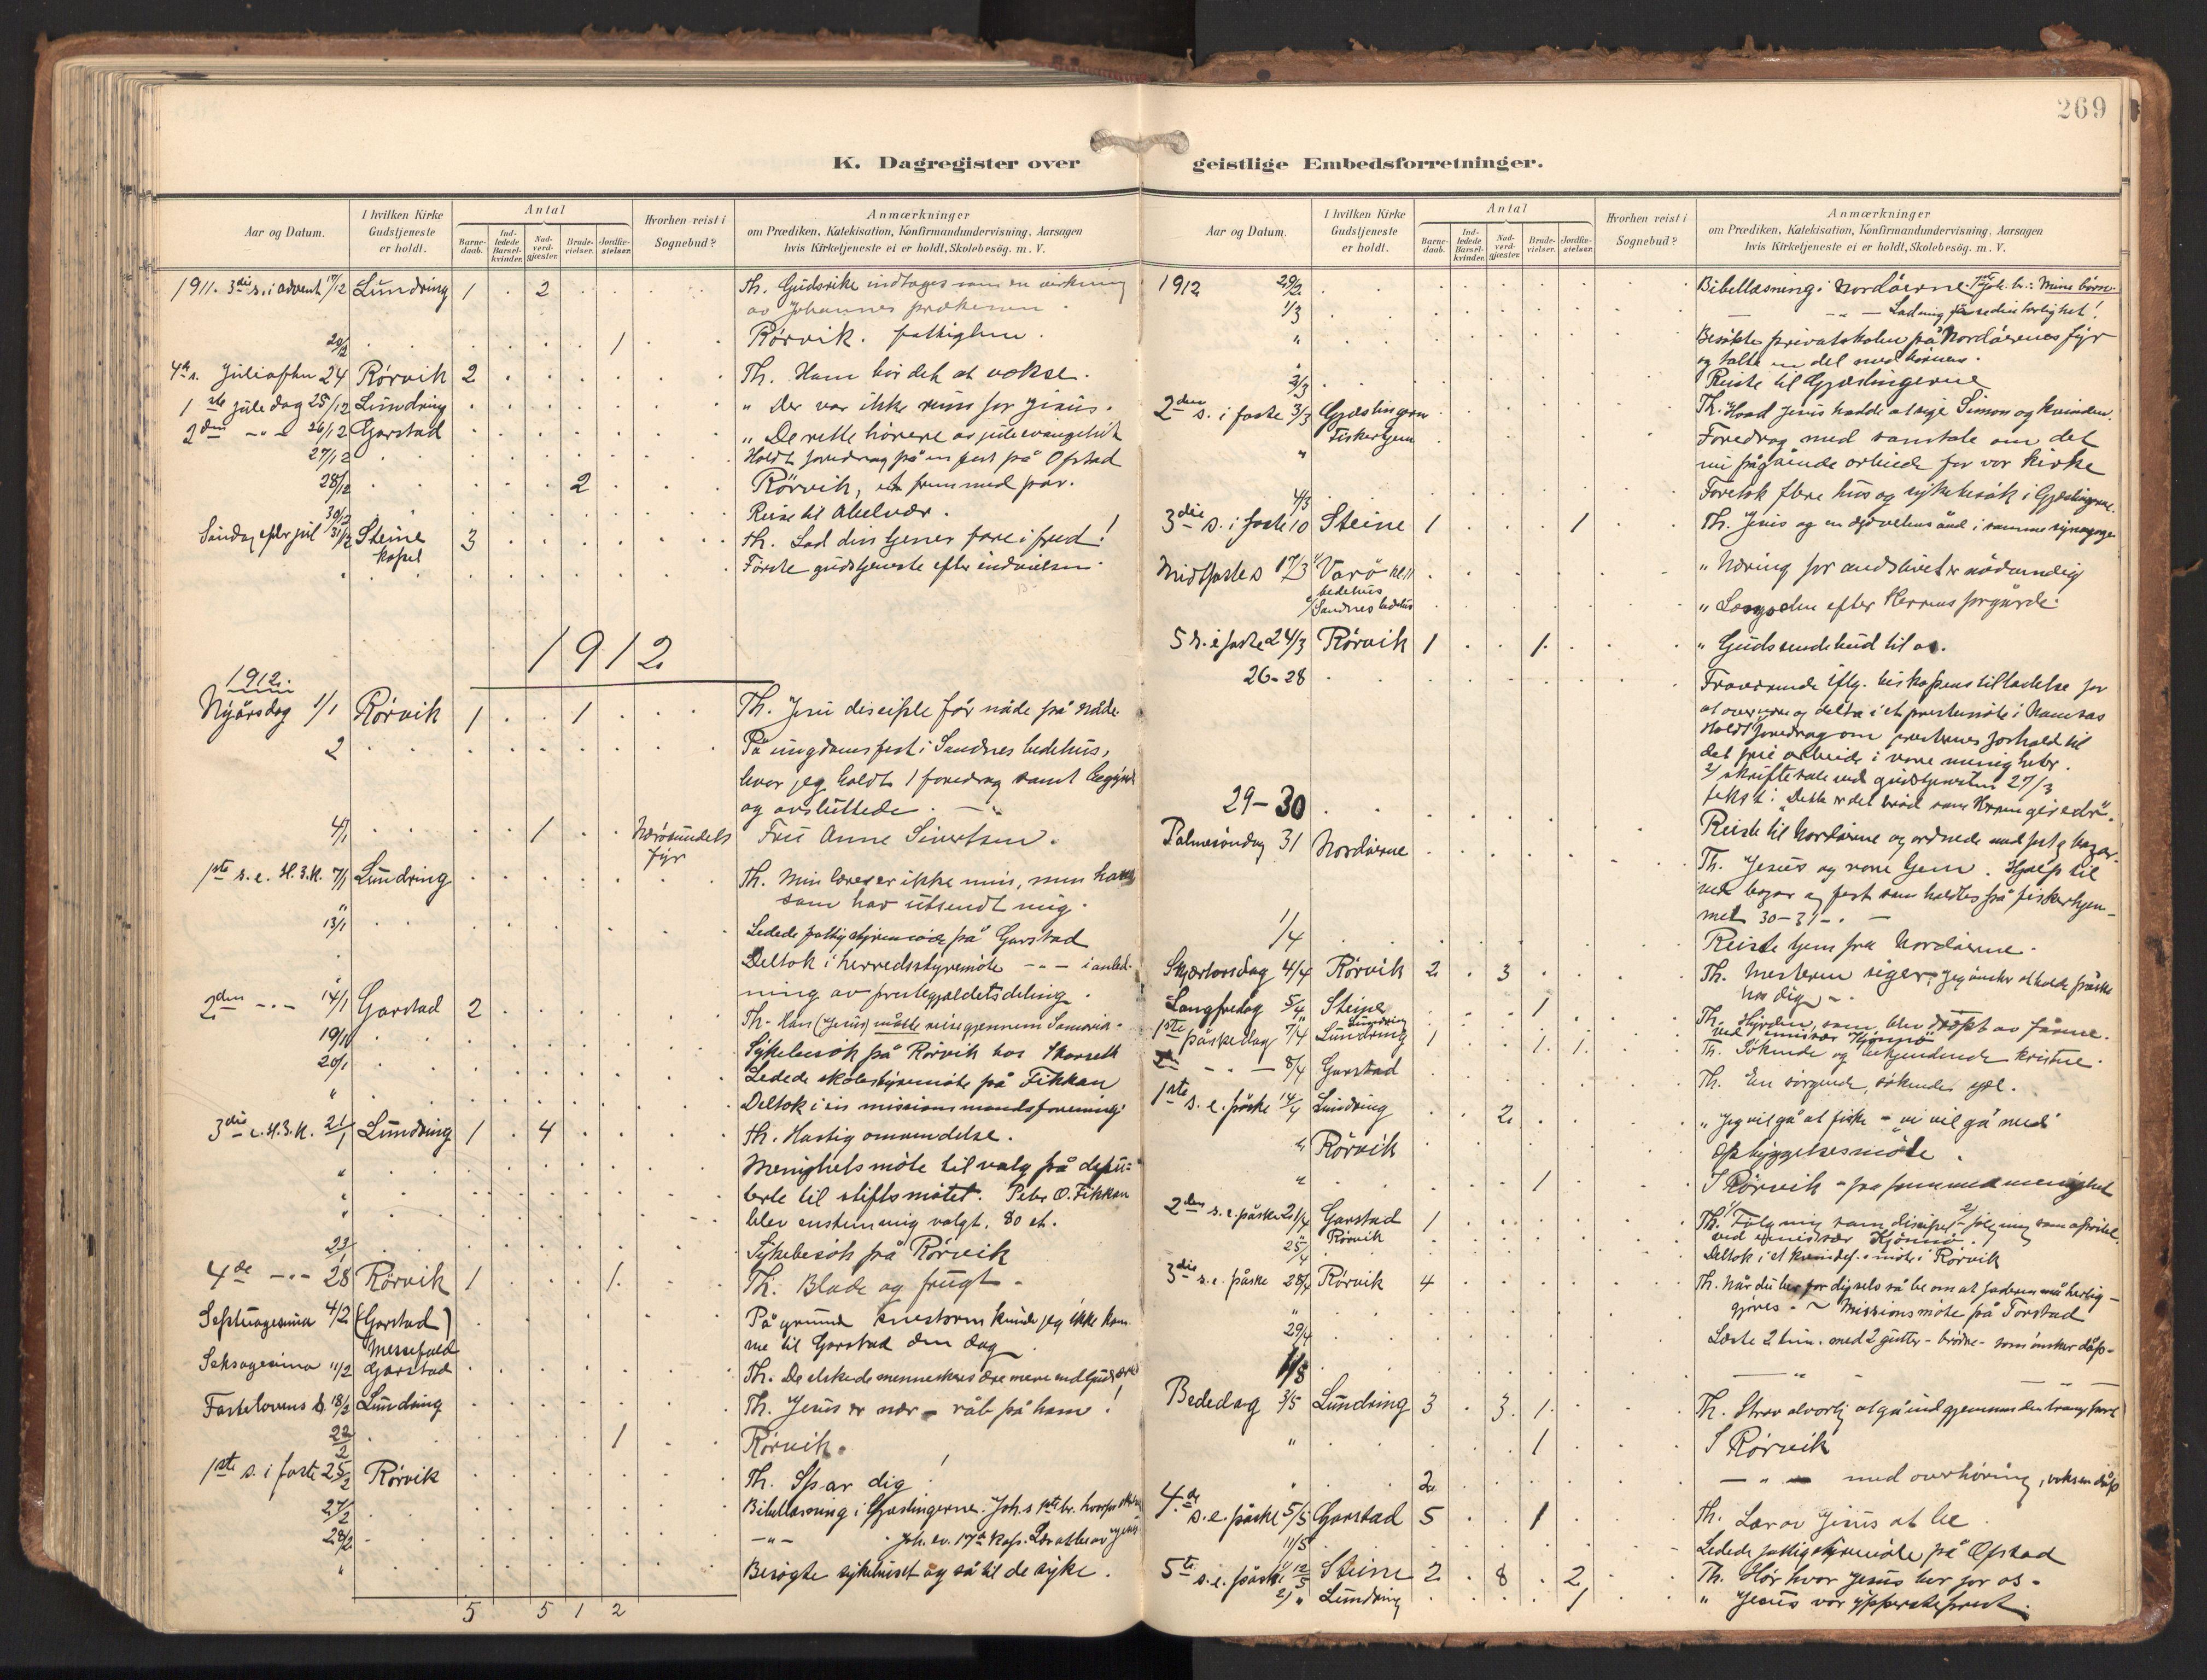 SAT, Ministerialprotokoller, klokkerbøker og fødselsregistre - Nord-Trøndelag, 784/L0677: Ministerialbok nr. 784A12, 1900-1920, s. 269